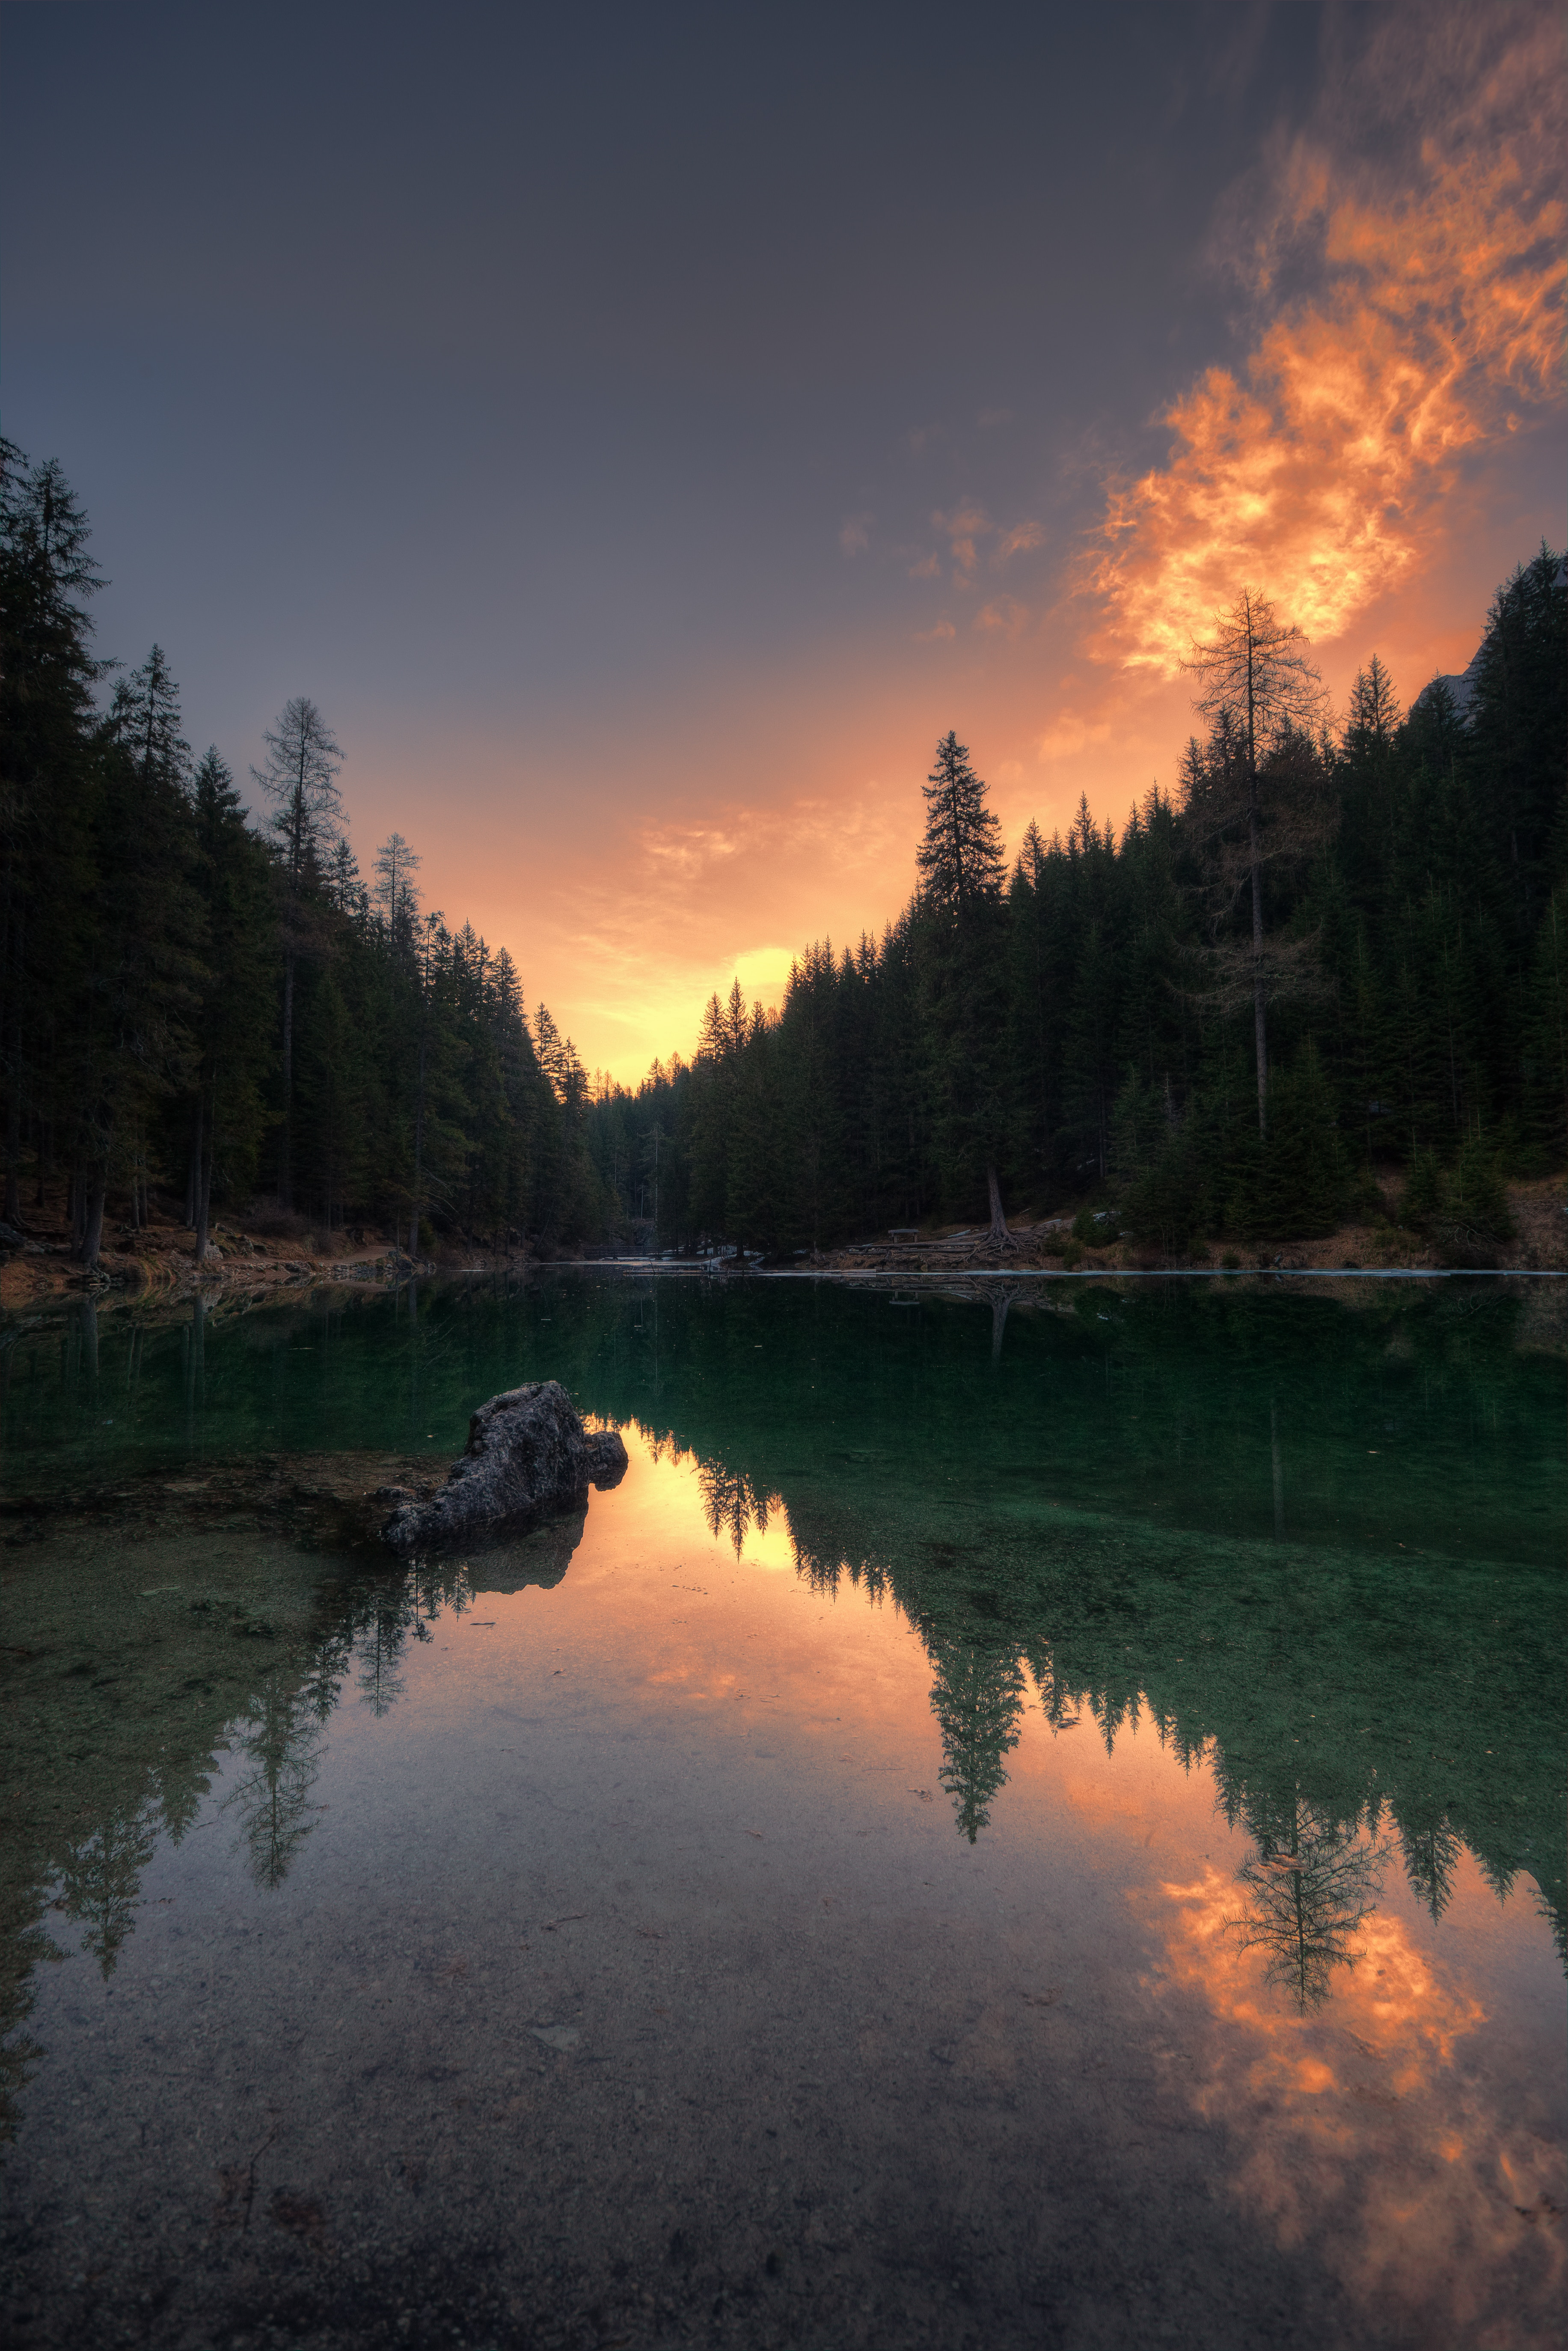 84924 скачать обои Италия, Отражение, Озеро, Природа, Деревья, Озеро Брайес - заставки и картинки бесплатно